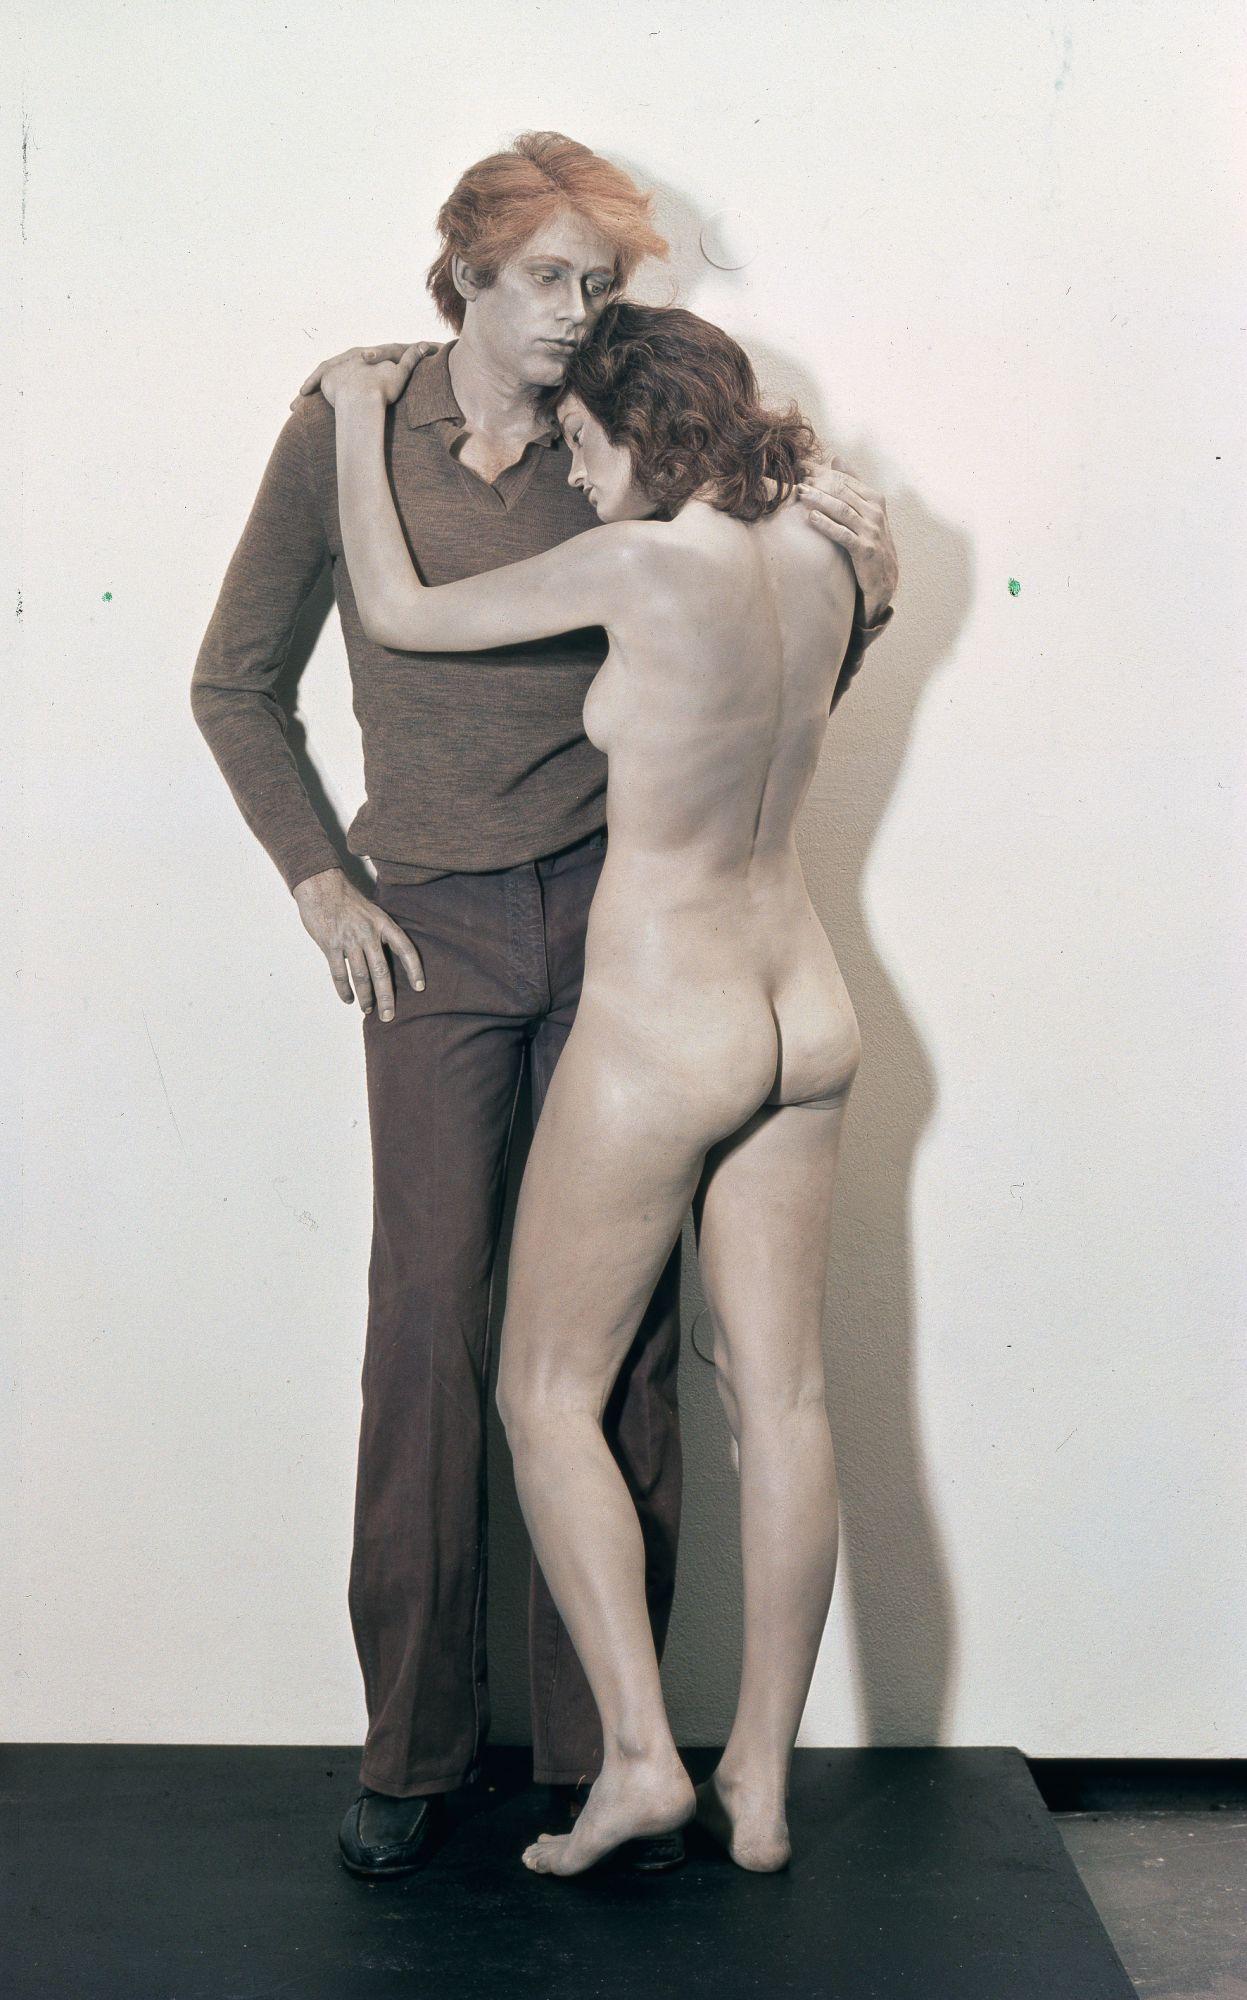 06 John De Andrea, Das Paar-zoomer